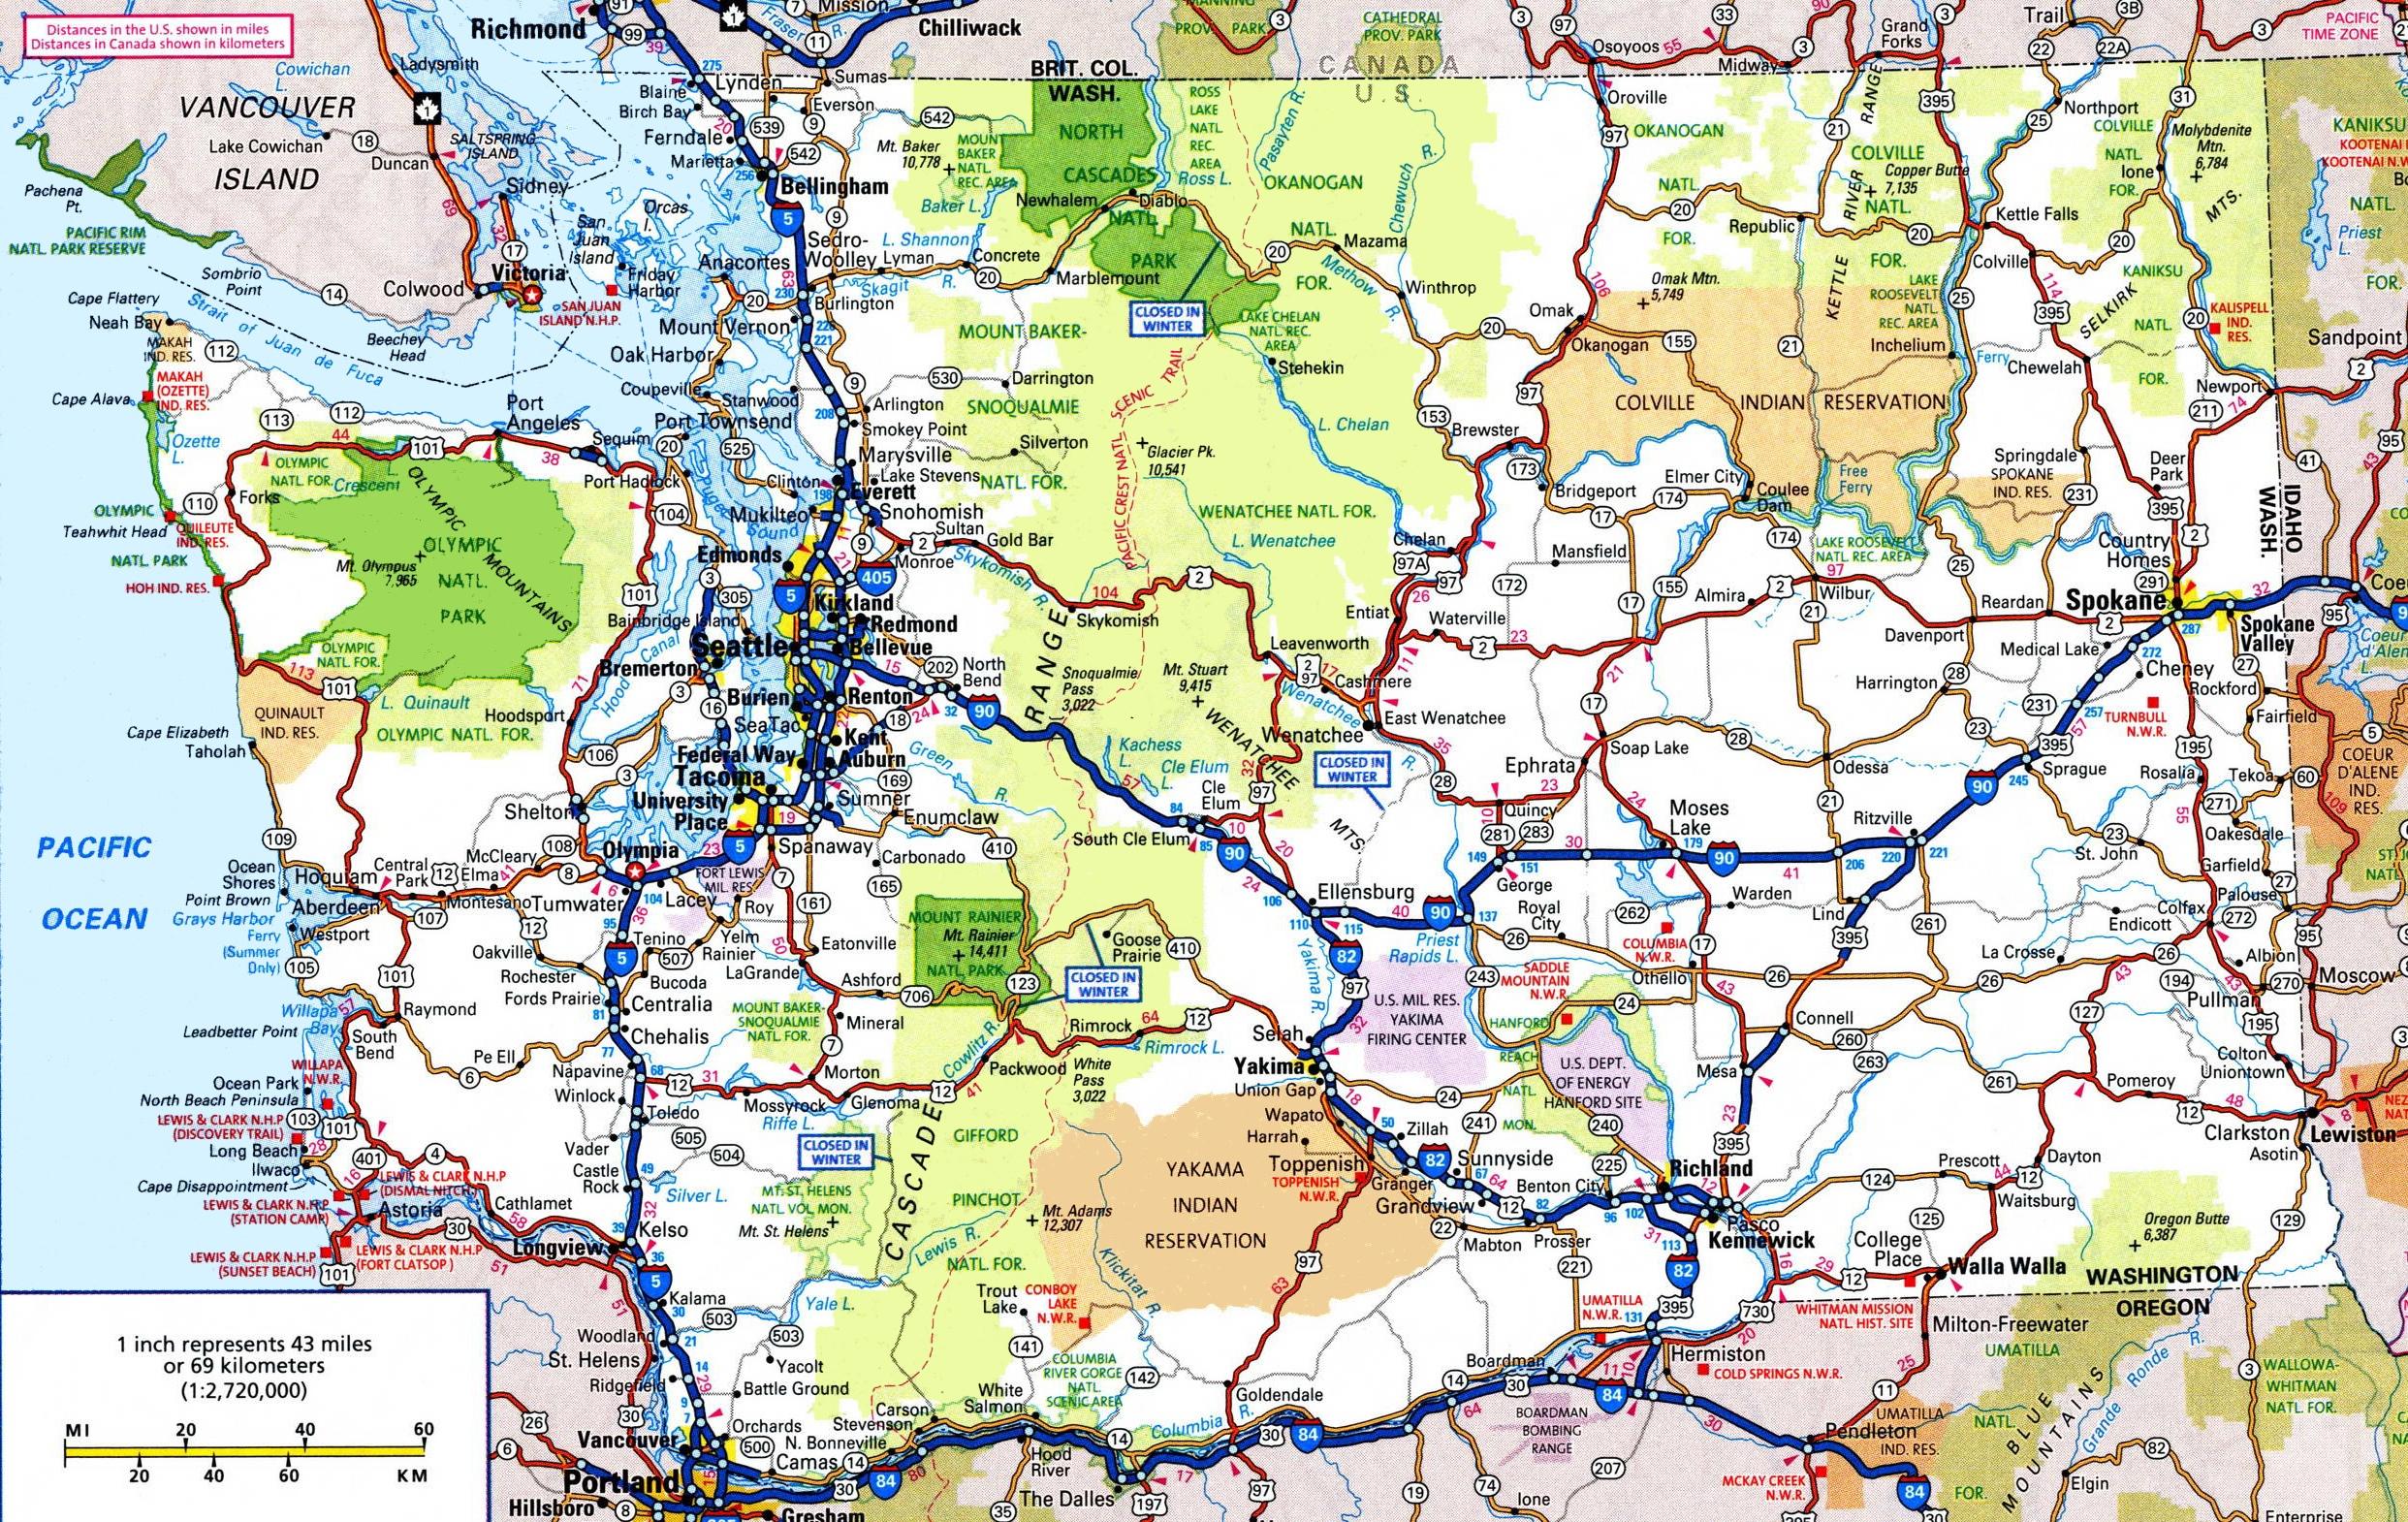 Washington Road Map - Free Printable Map Of Washington State